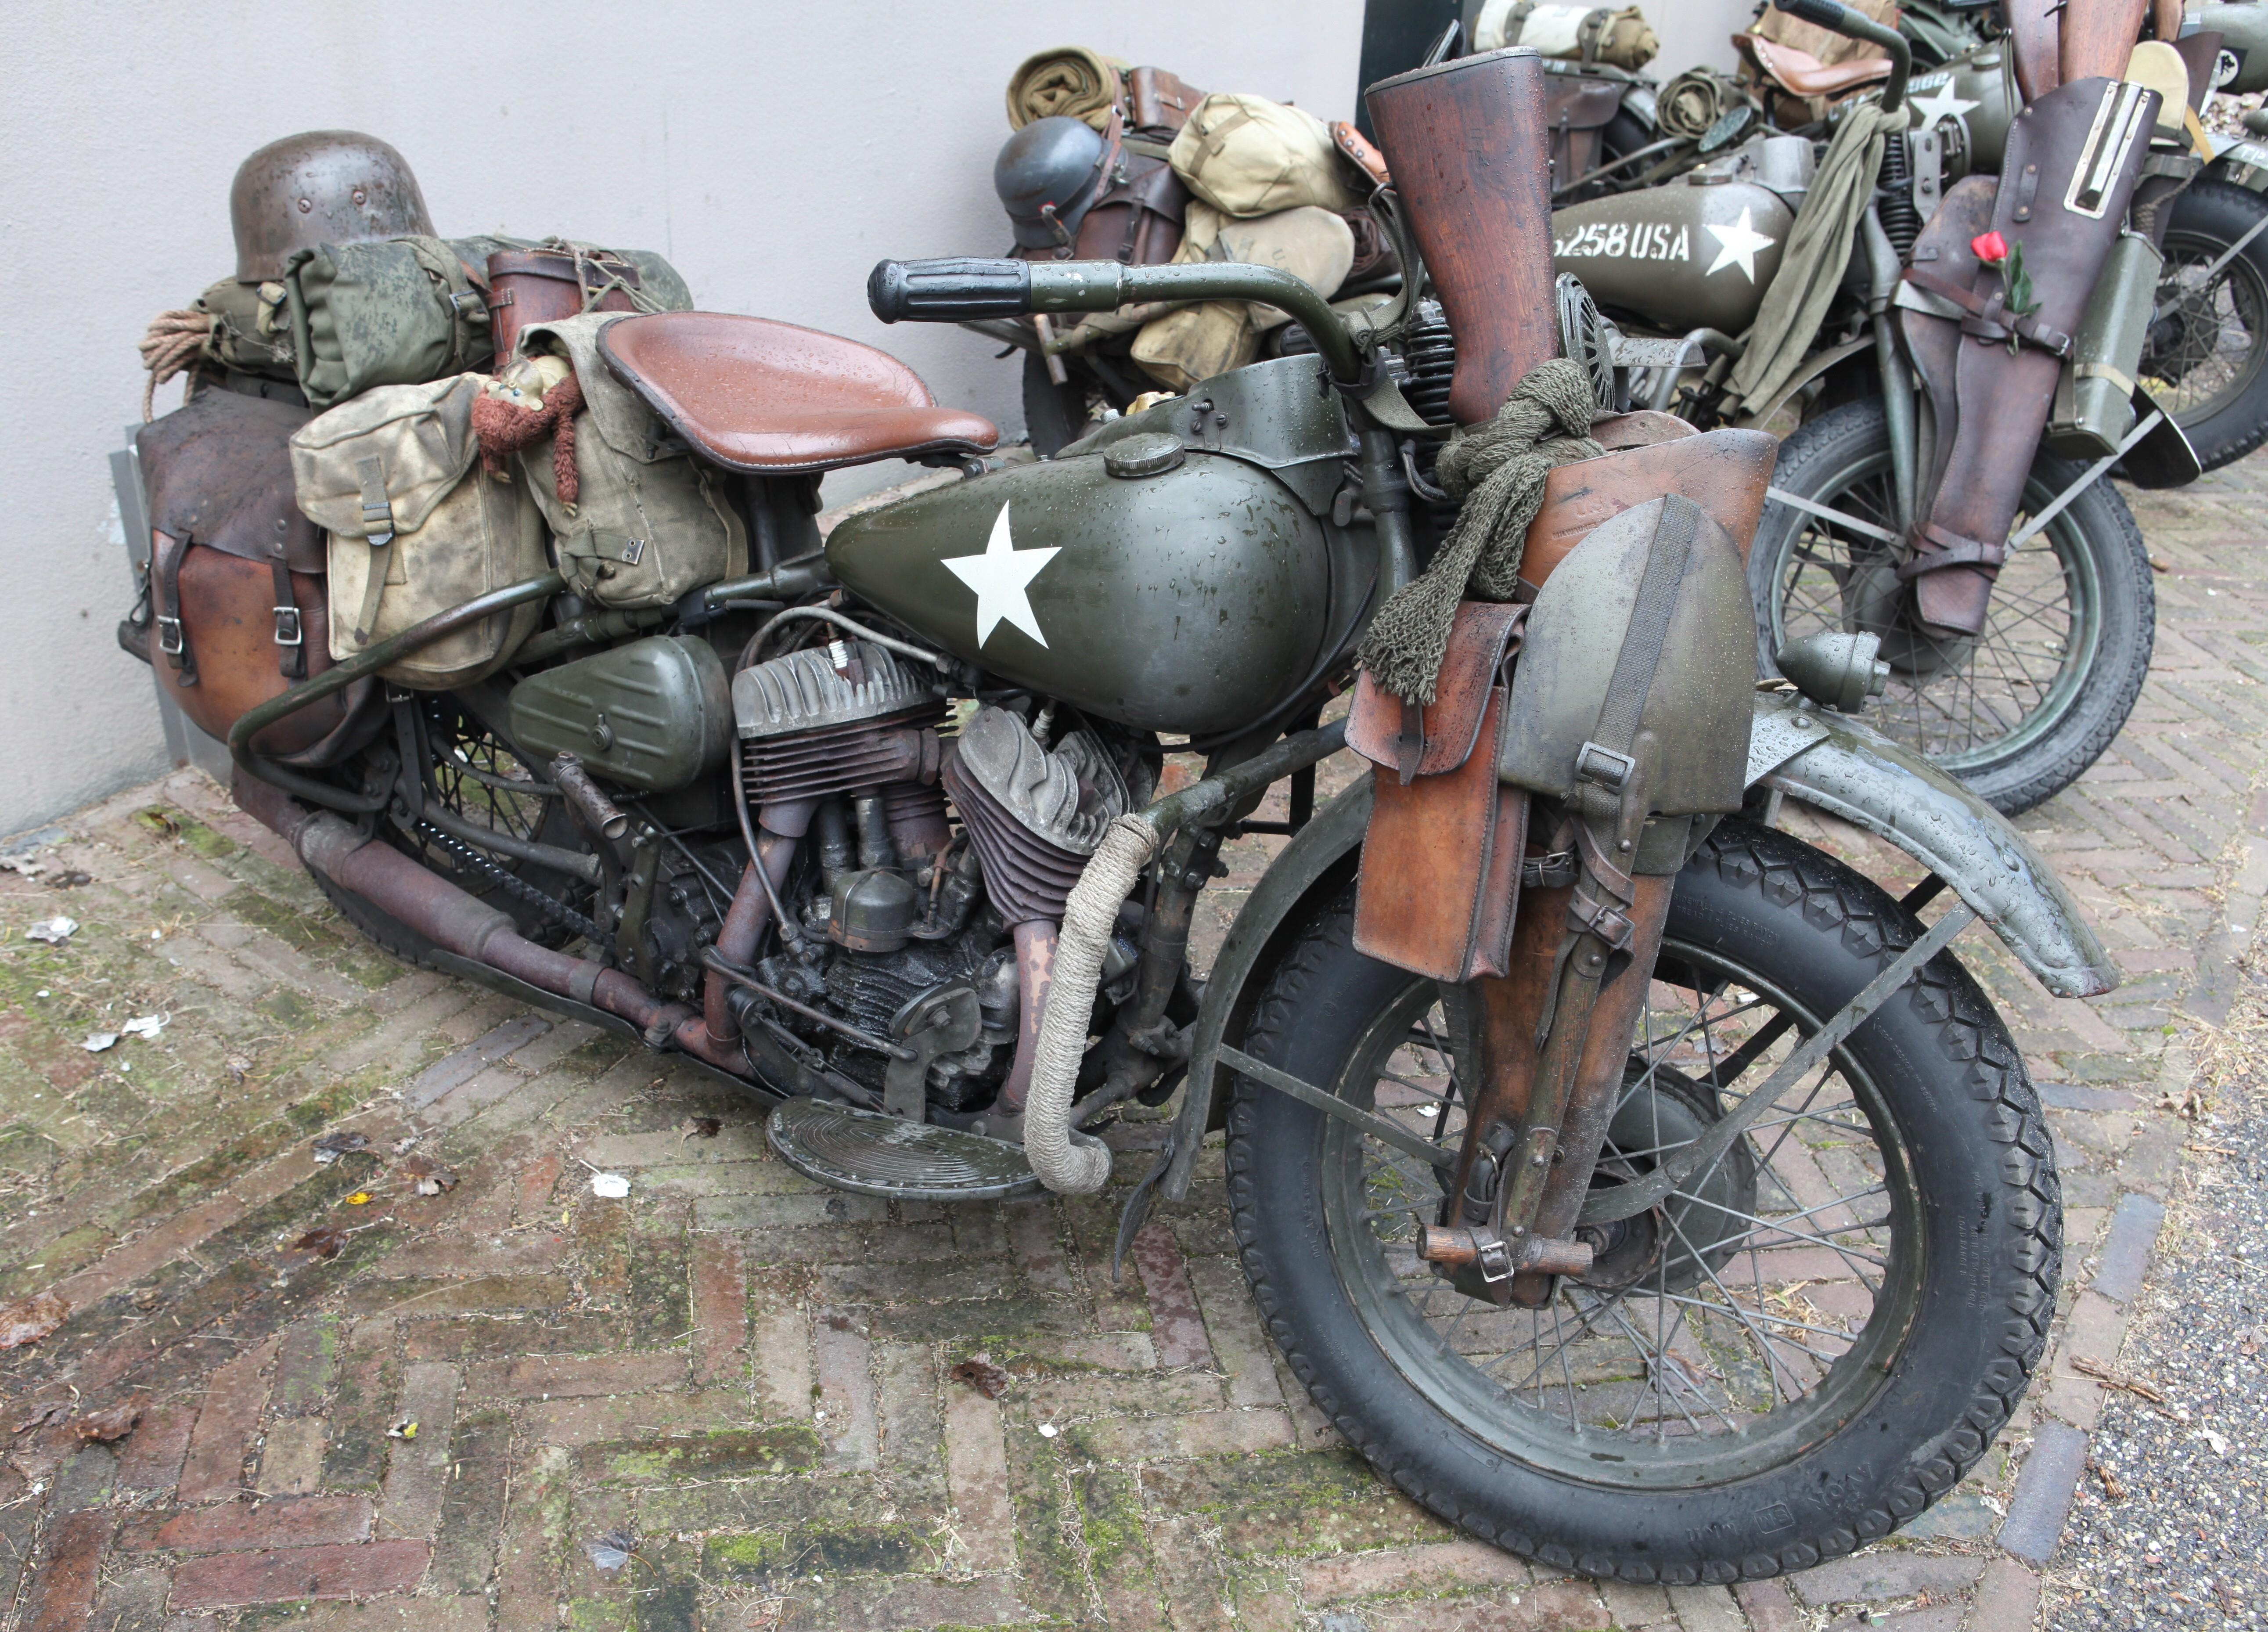 Harley Davidson Old Bike Price